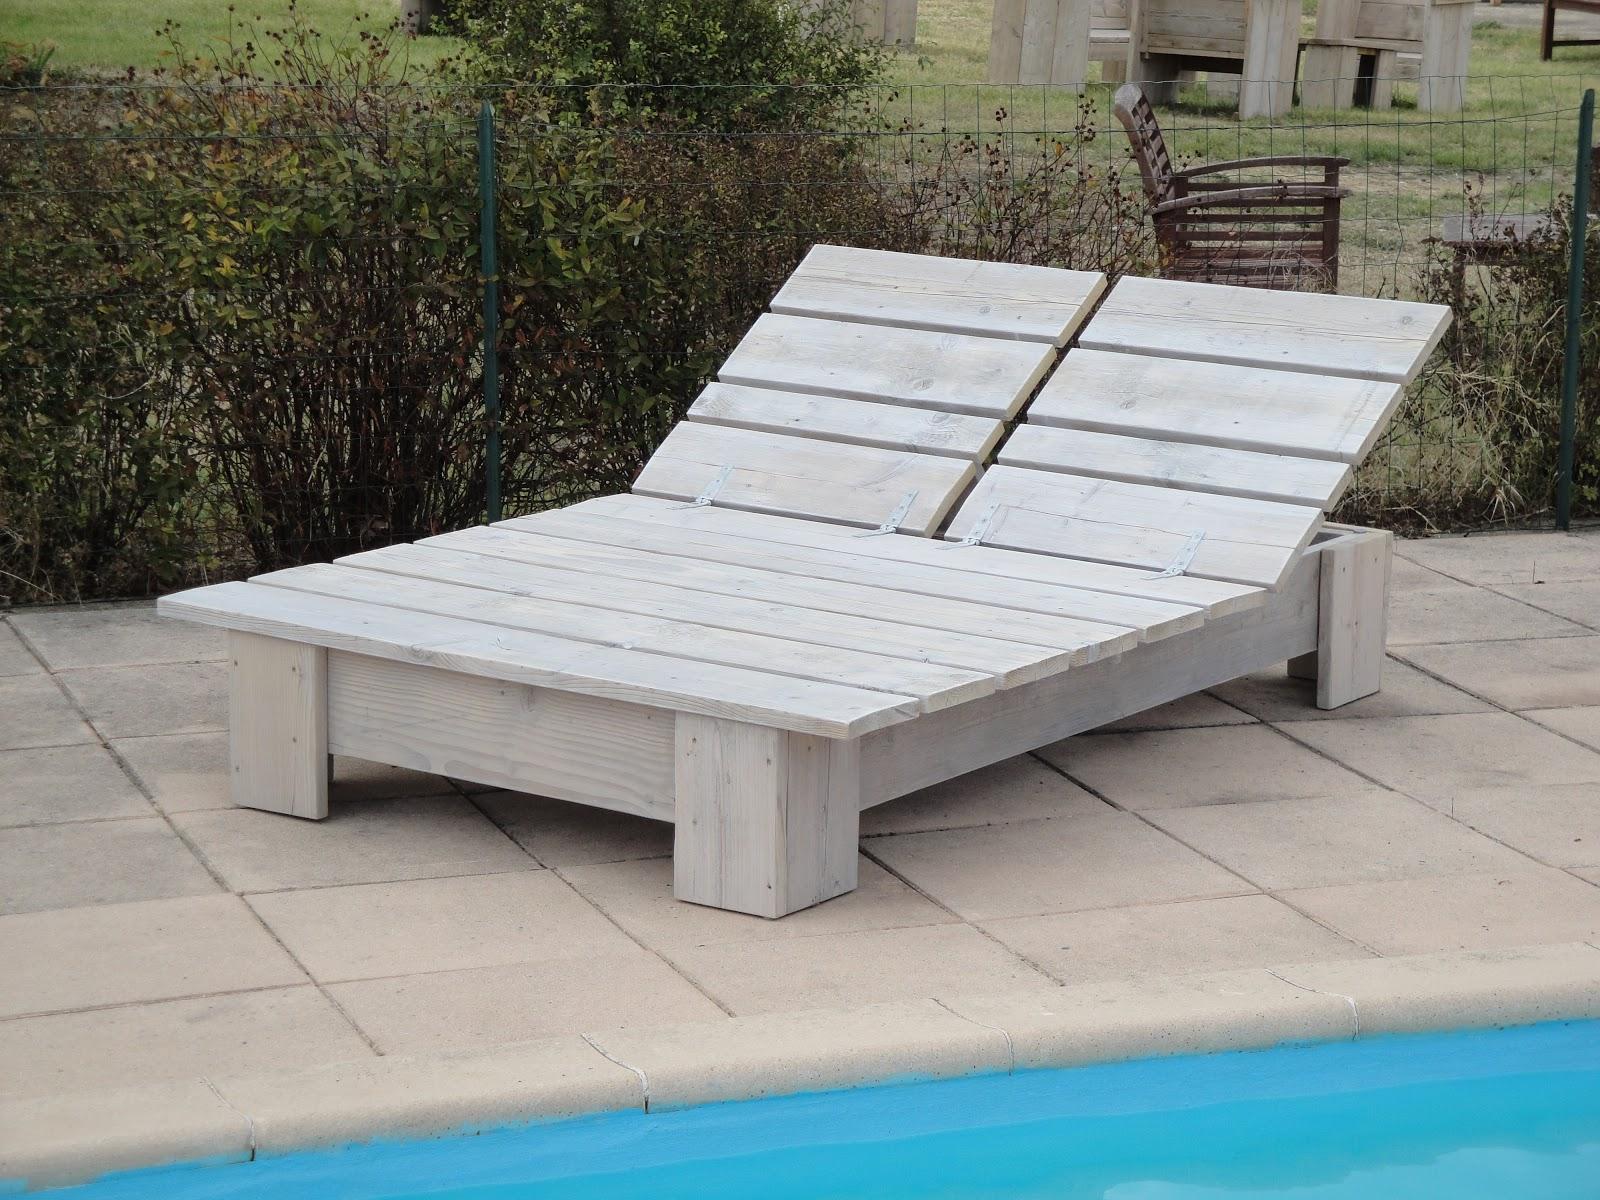 la planche brute sp cialiste du meuble en bois recycl octobre 2012. Black Bedroom Furniture Sets. Home Design Ideas